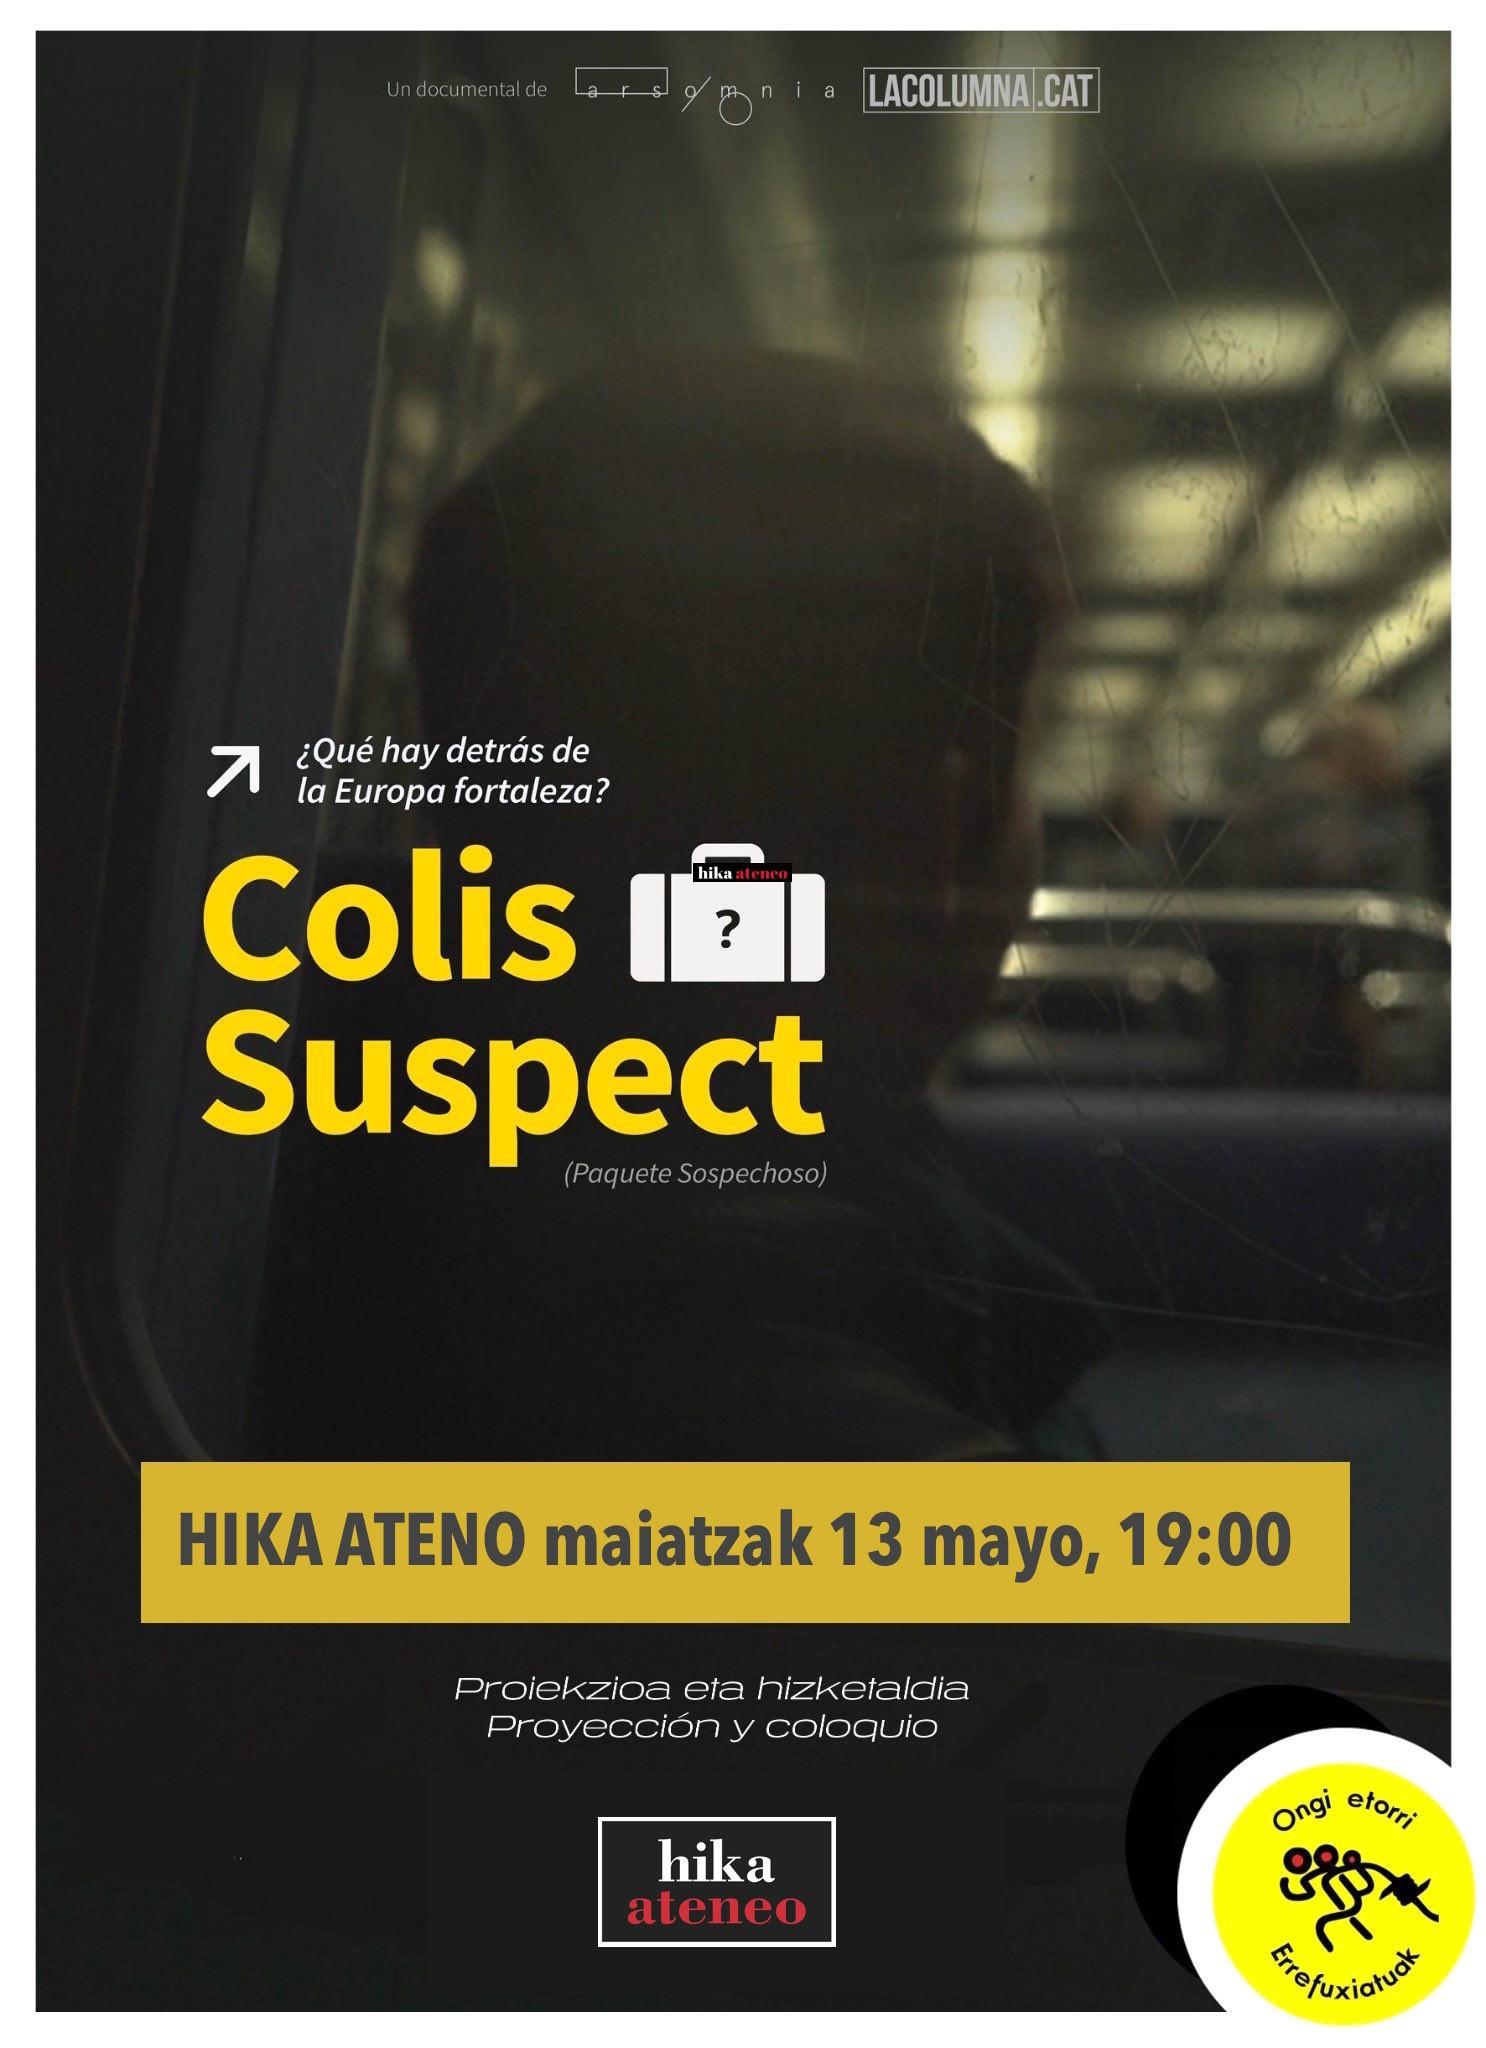 Colis-Suspect_kartela_OEE_13mayo